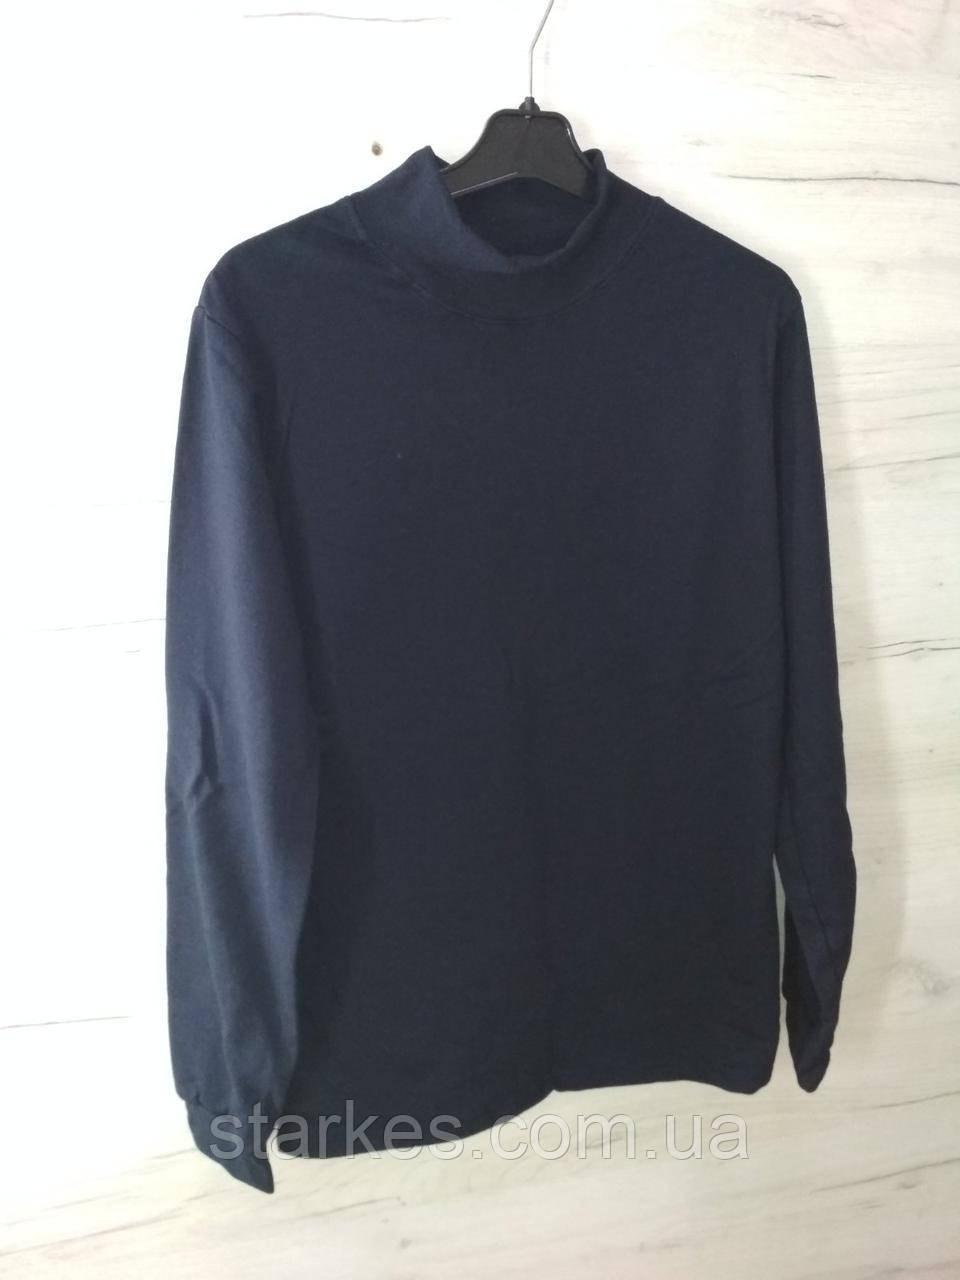 Гольф темно - синього кольору з начосом, 44 - 60 р, на вибір